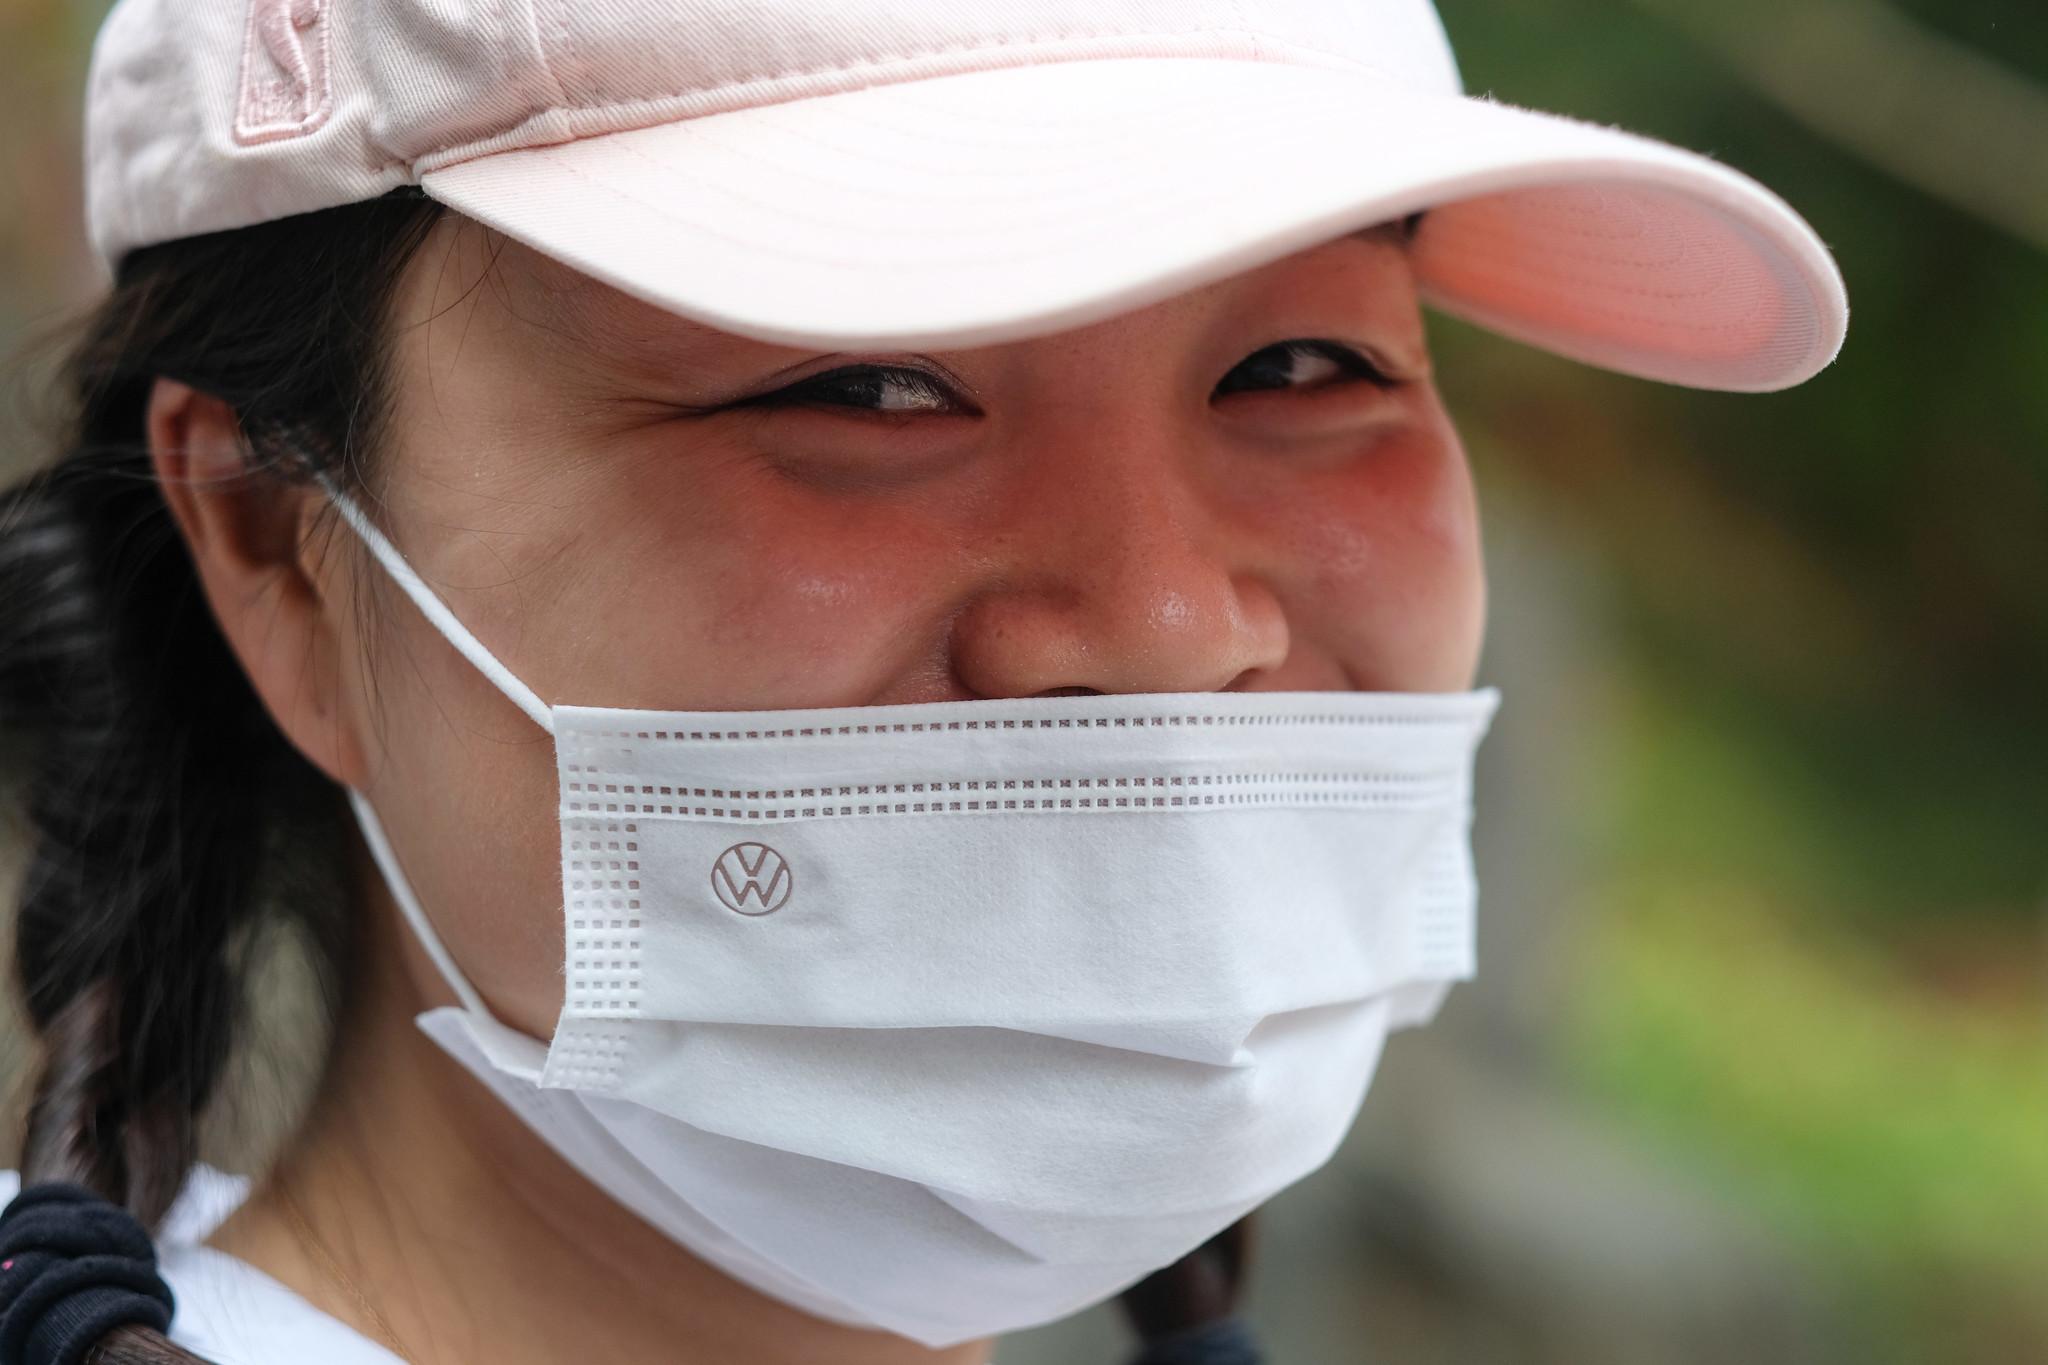 VW-Maske